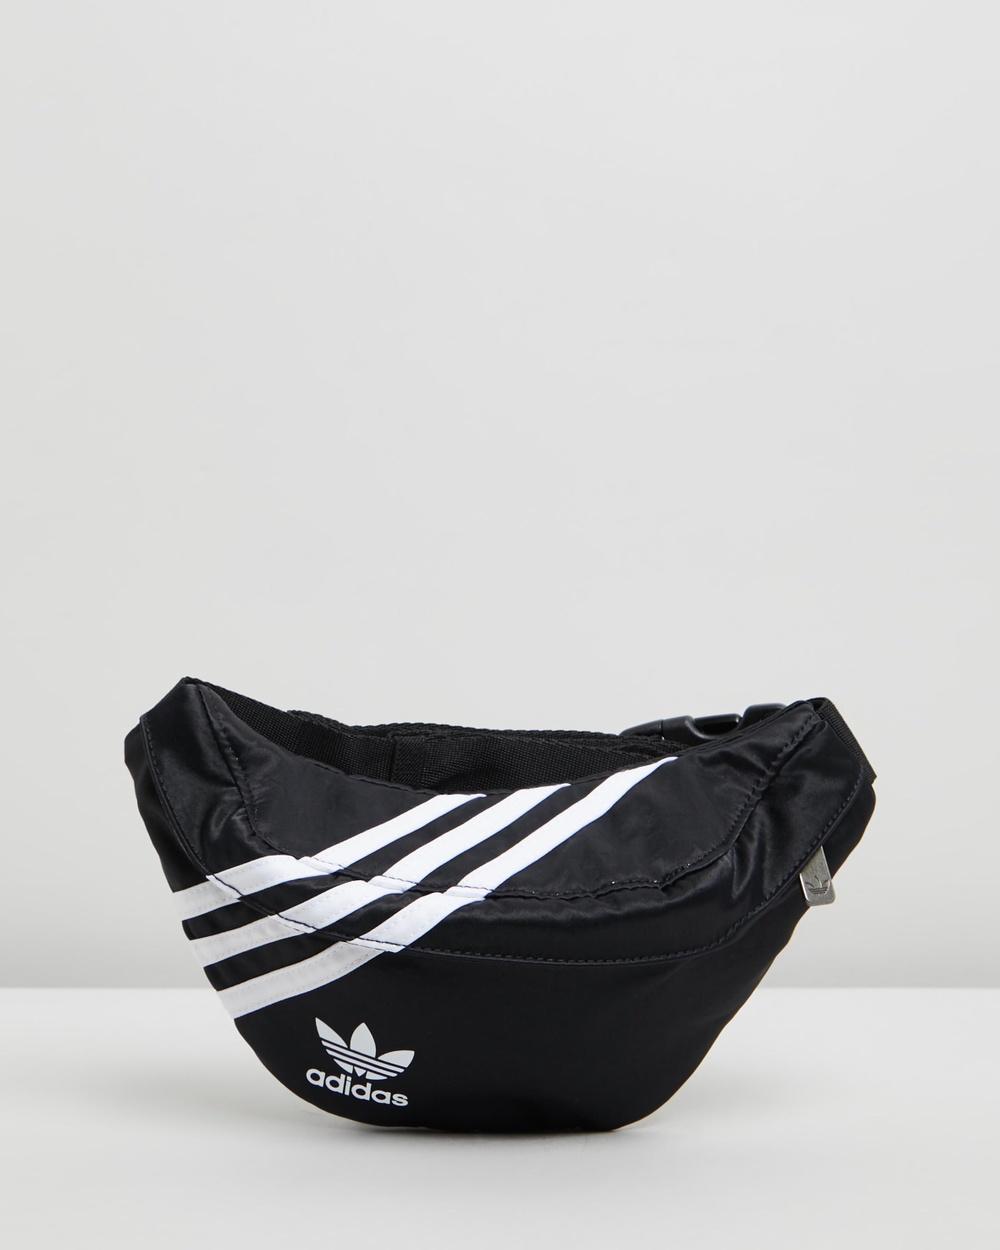 adidas Originals Nylon Waistbag Bum Bags Black